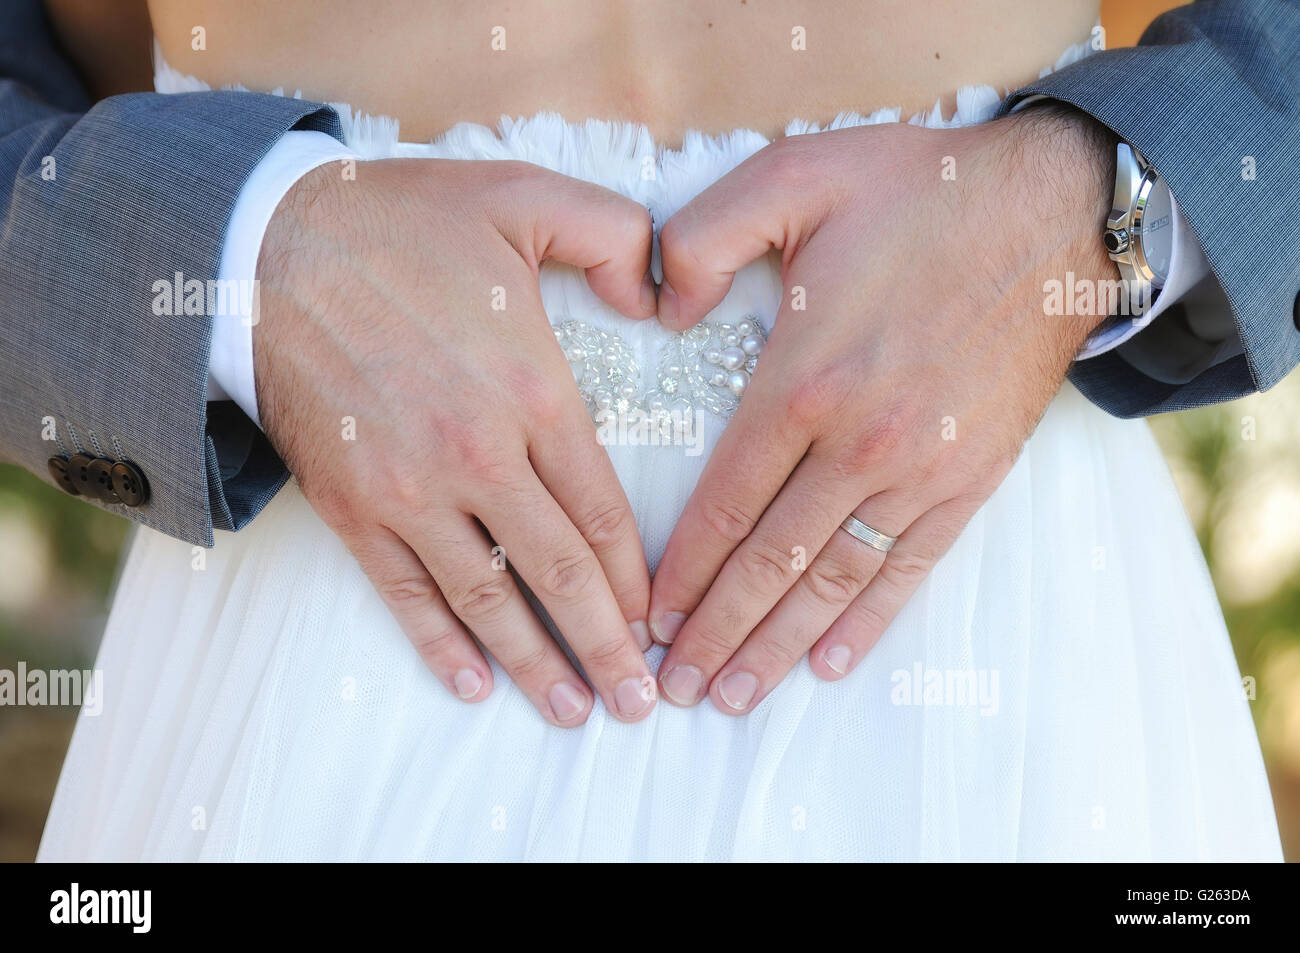 Bride Wearing Wedding Ring Hand Stock Photos & Bride Wearing Wedding ...